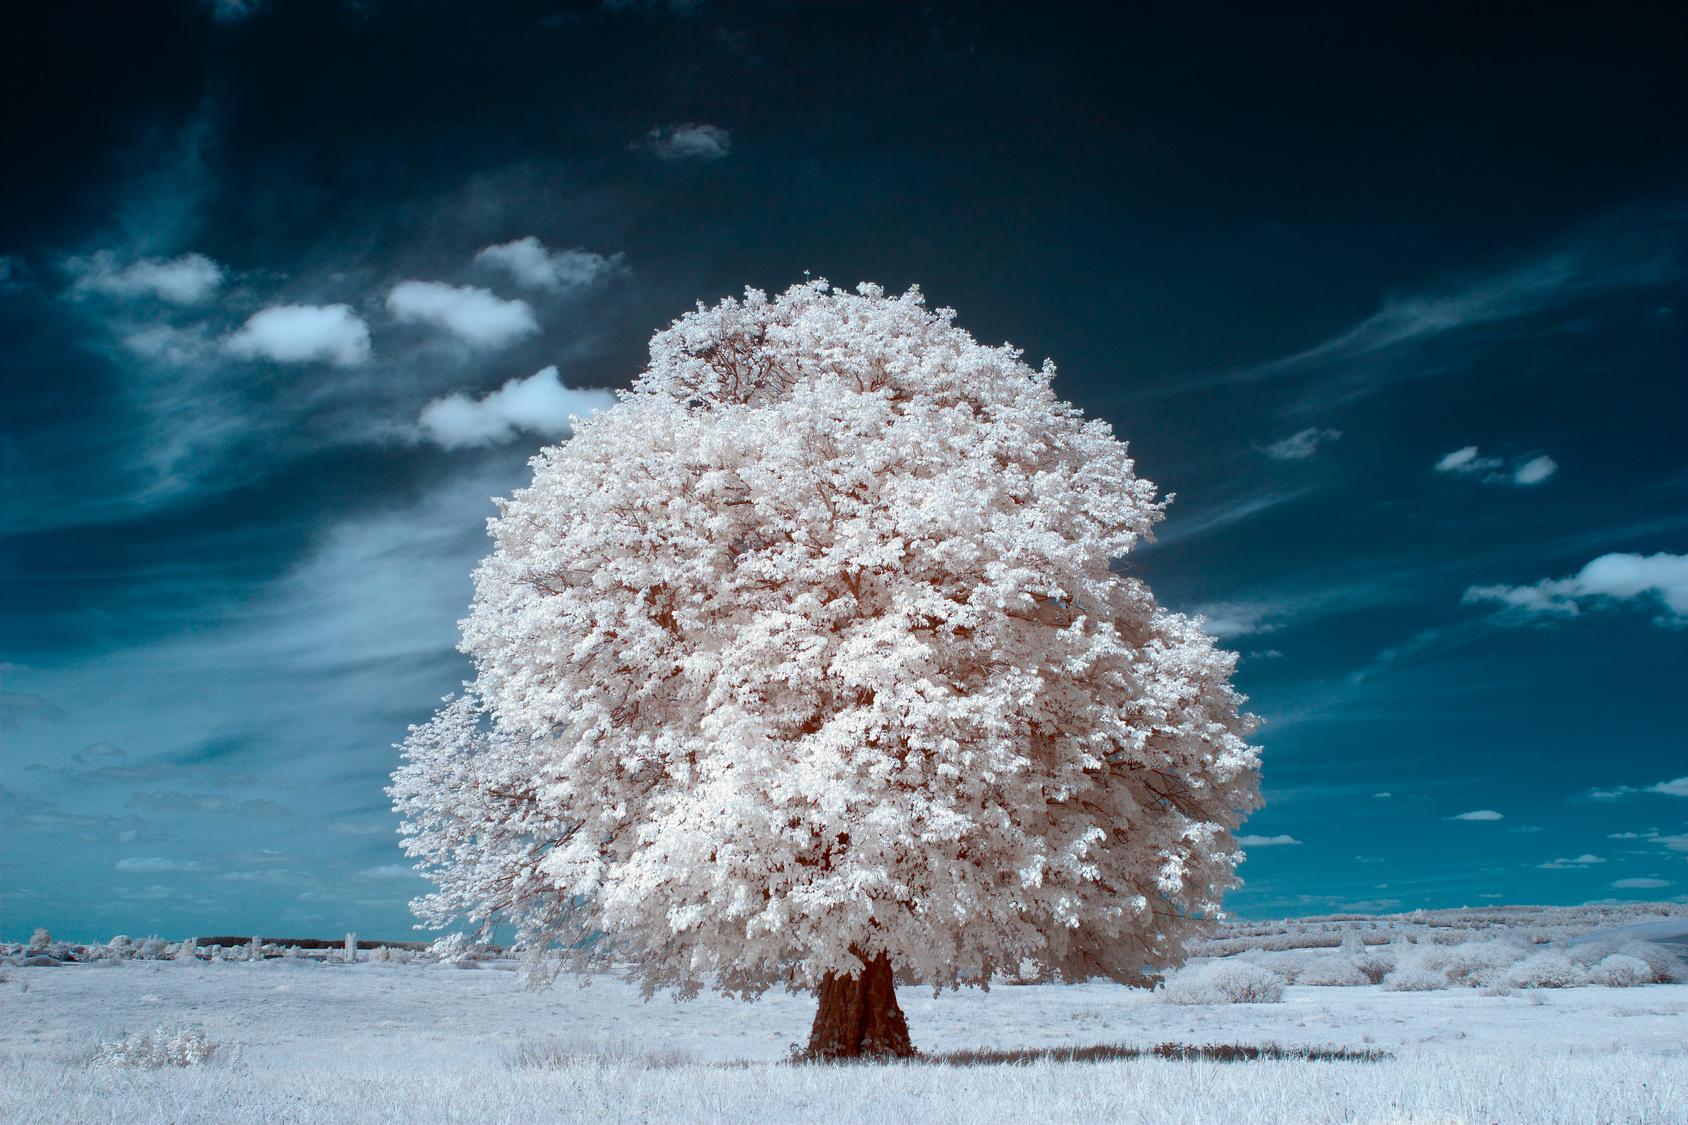 Ein großer Laubbaum mit schneeweißem Blattwerk auf schneeweißem Gras, unter dunkelblauem Himmel.